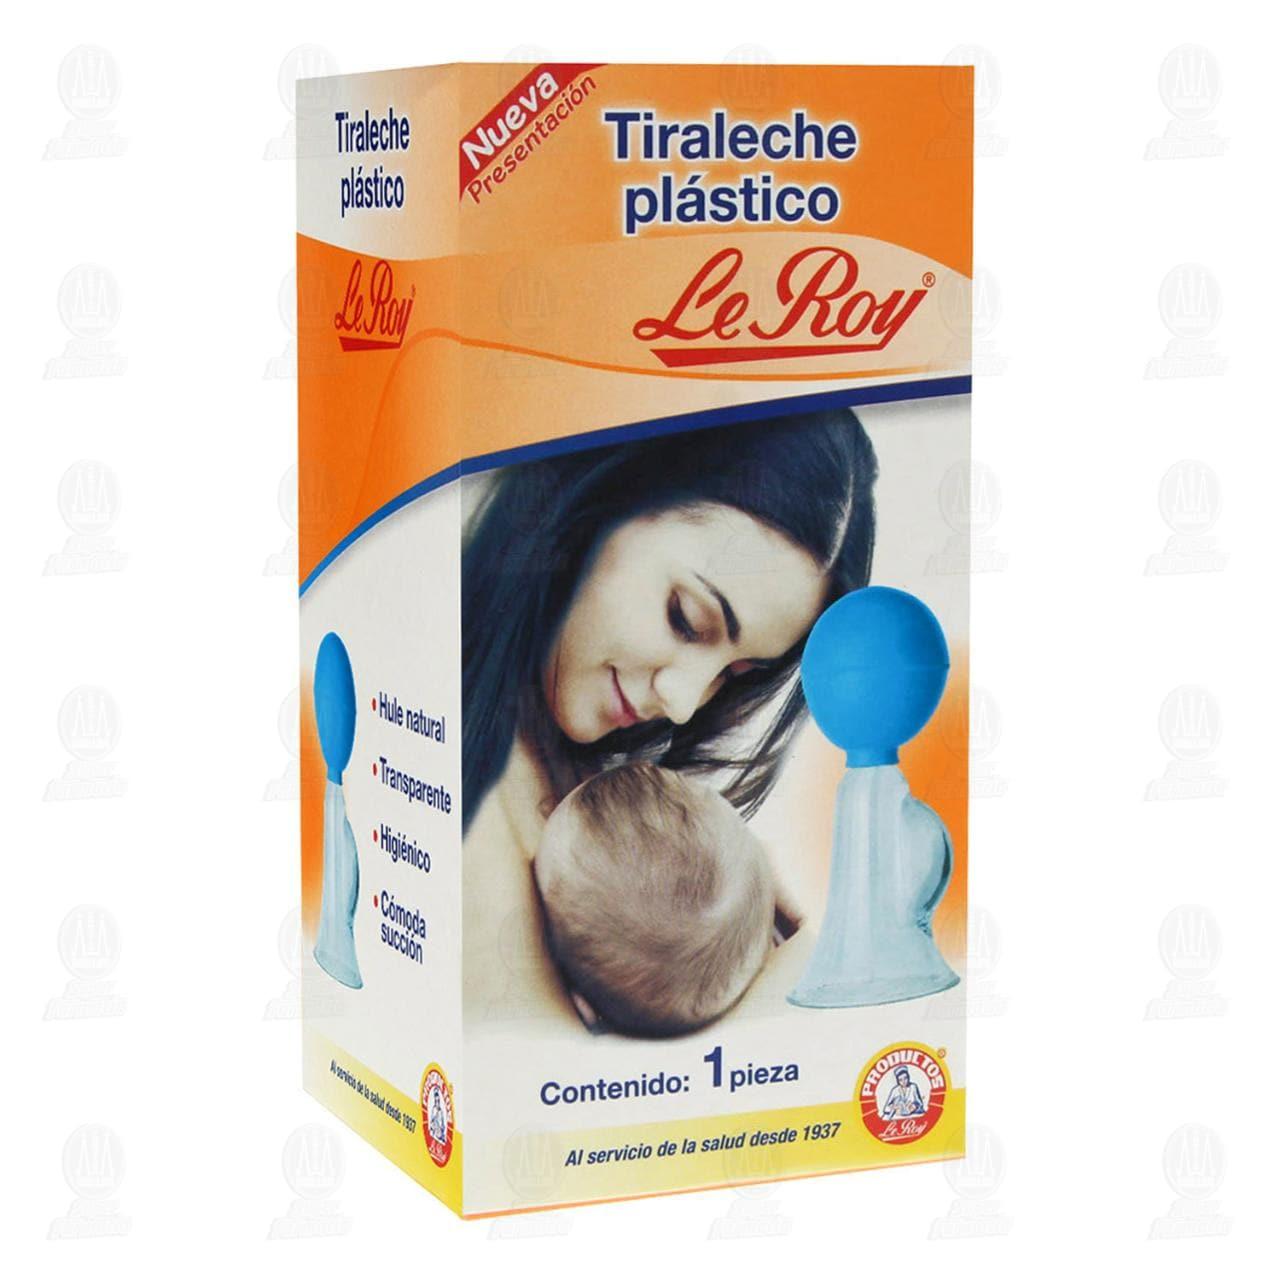 Comprar Tiraleche Plastico Le Roy, 1 pz. en Farmacias Guadalajara